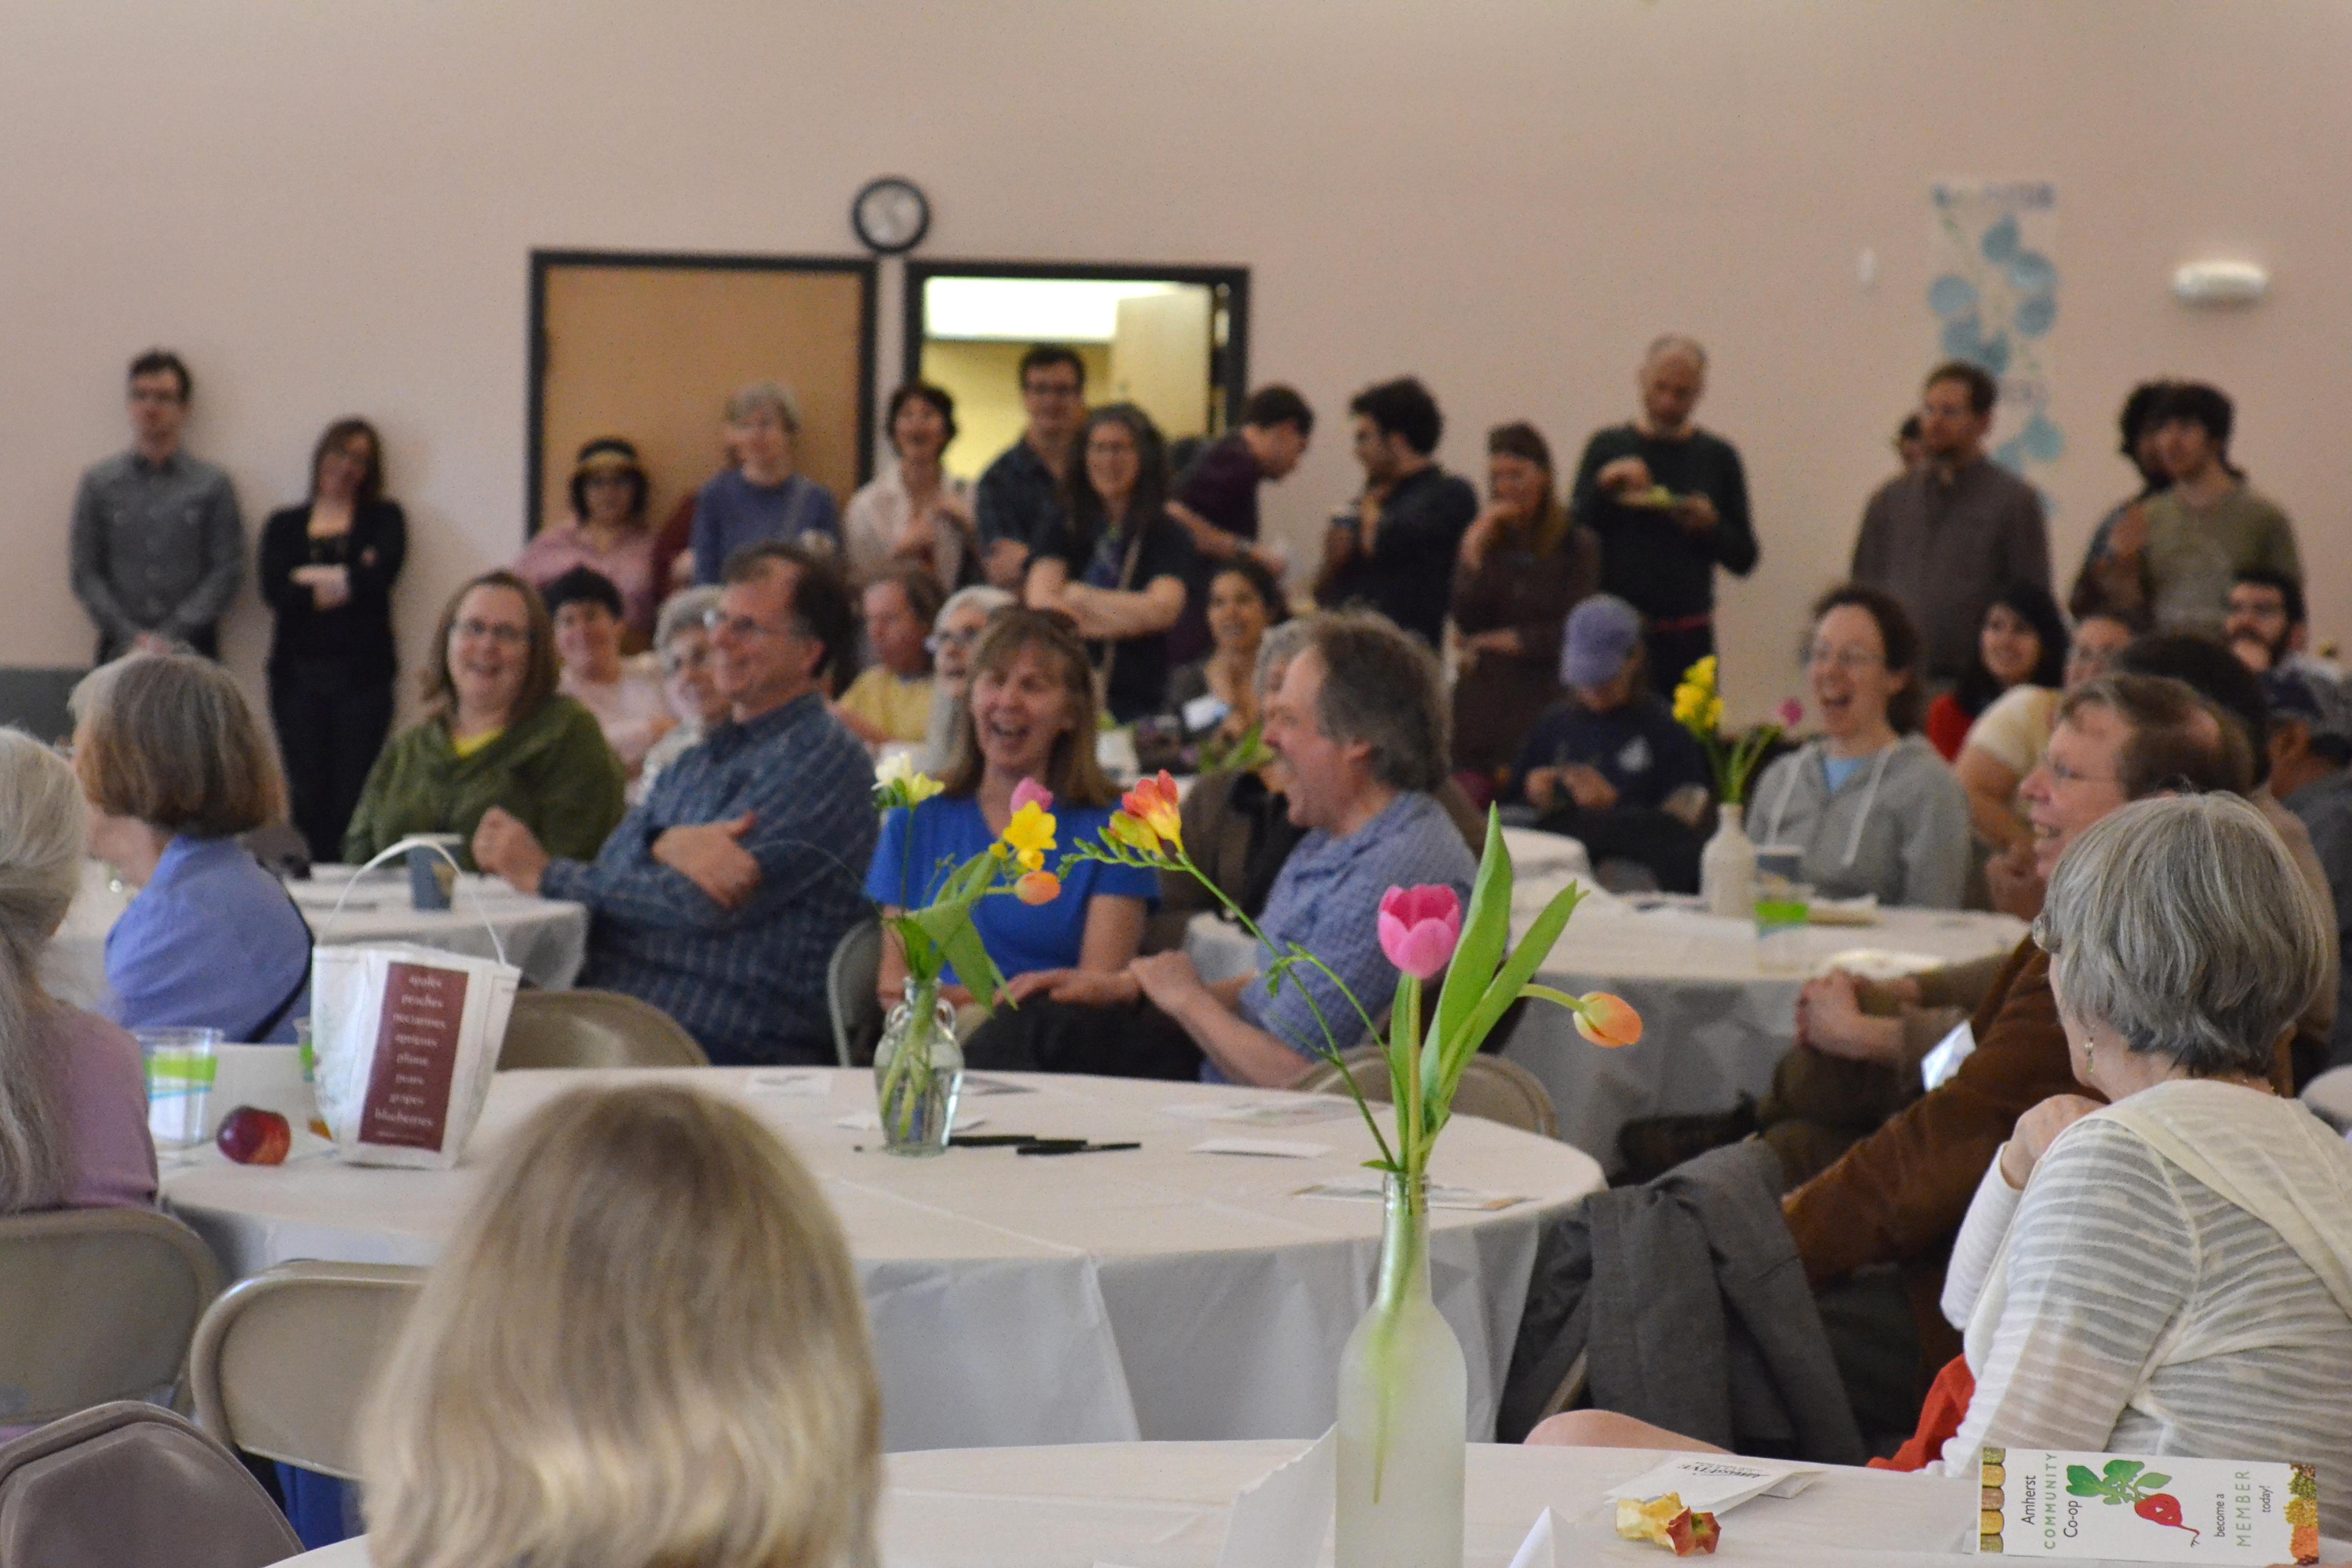 The crowd. [photo credit: Rebekah Hanlon]